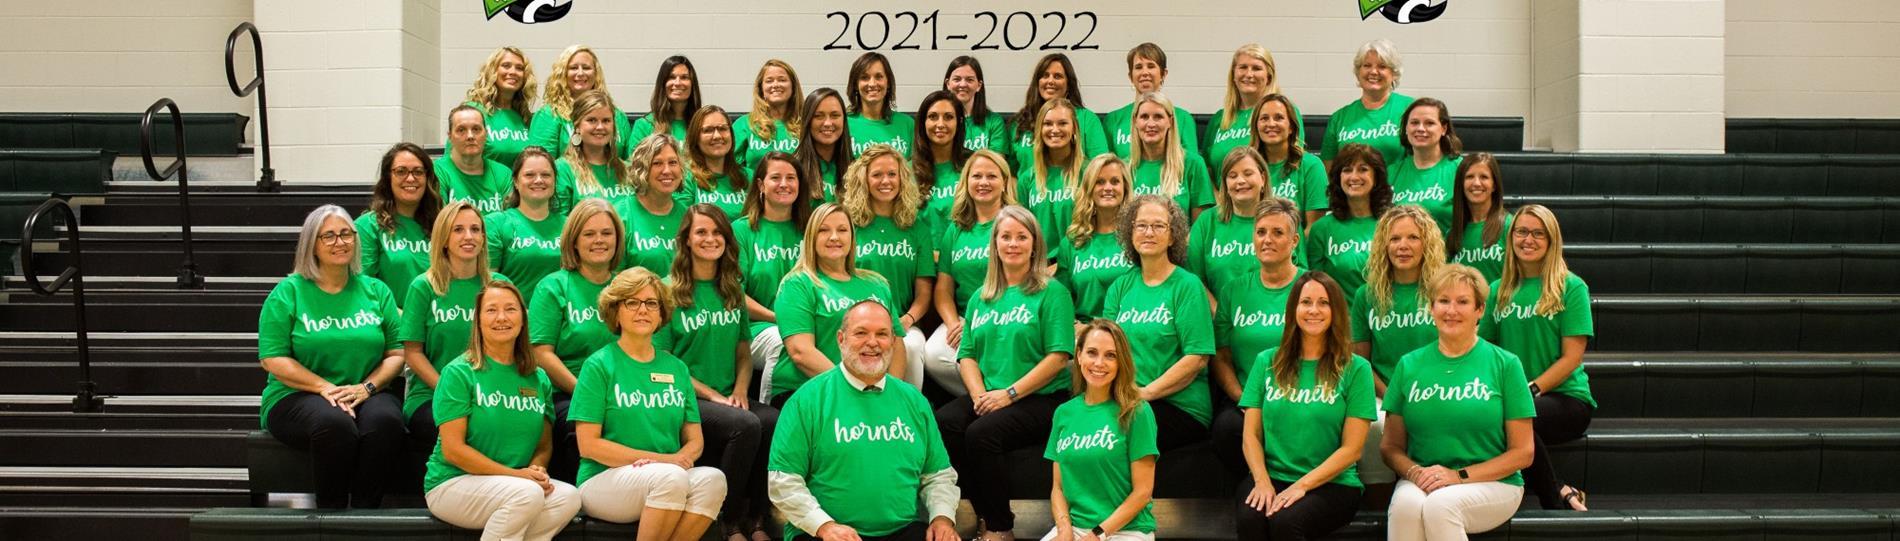 RES Staff 2021-22 School Year